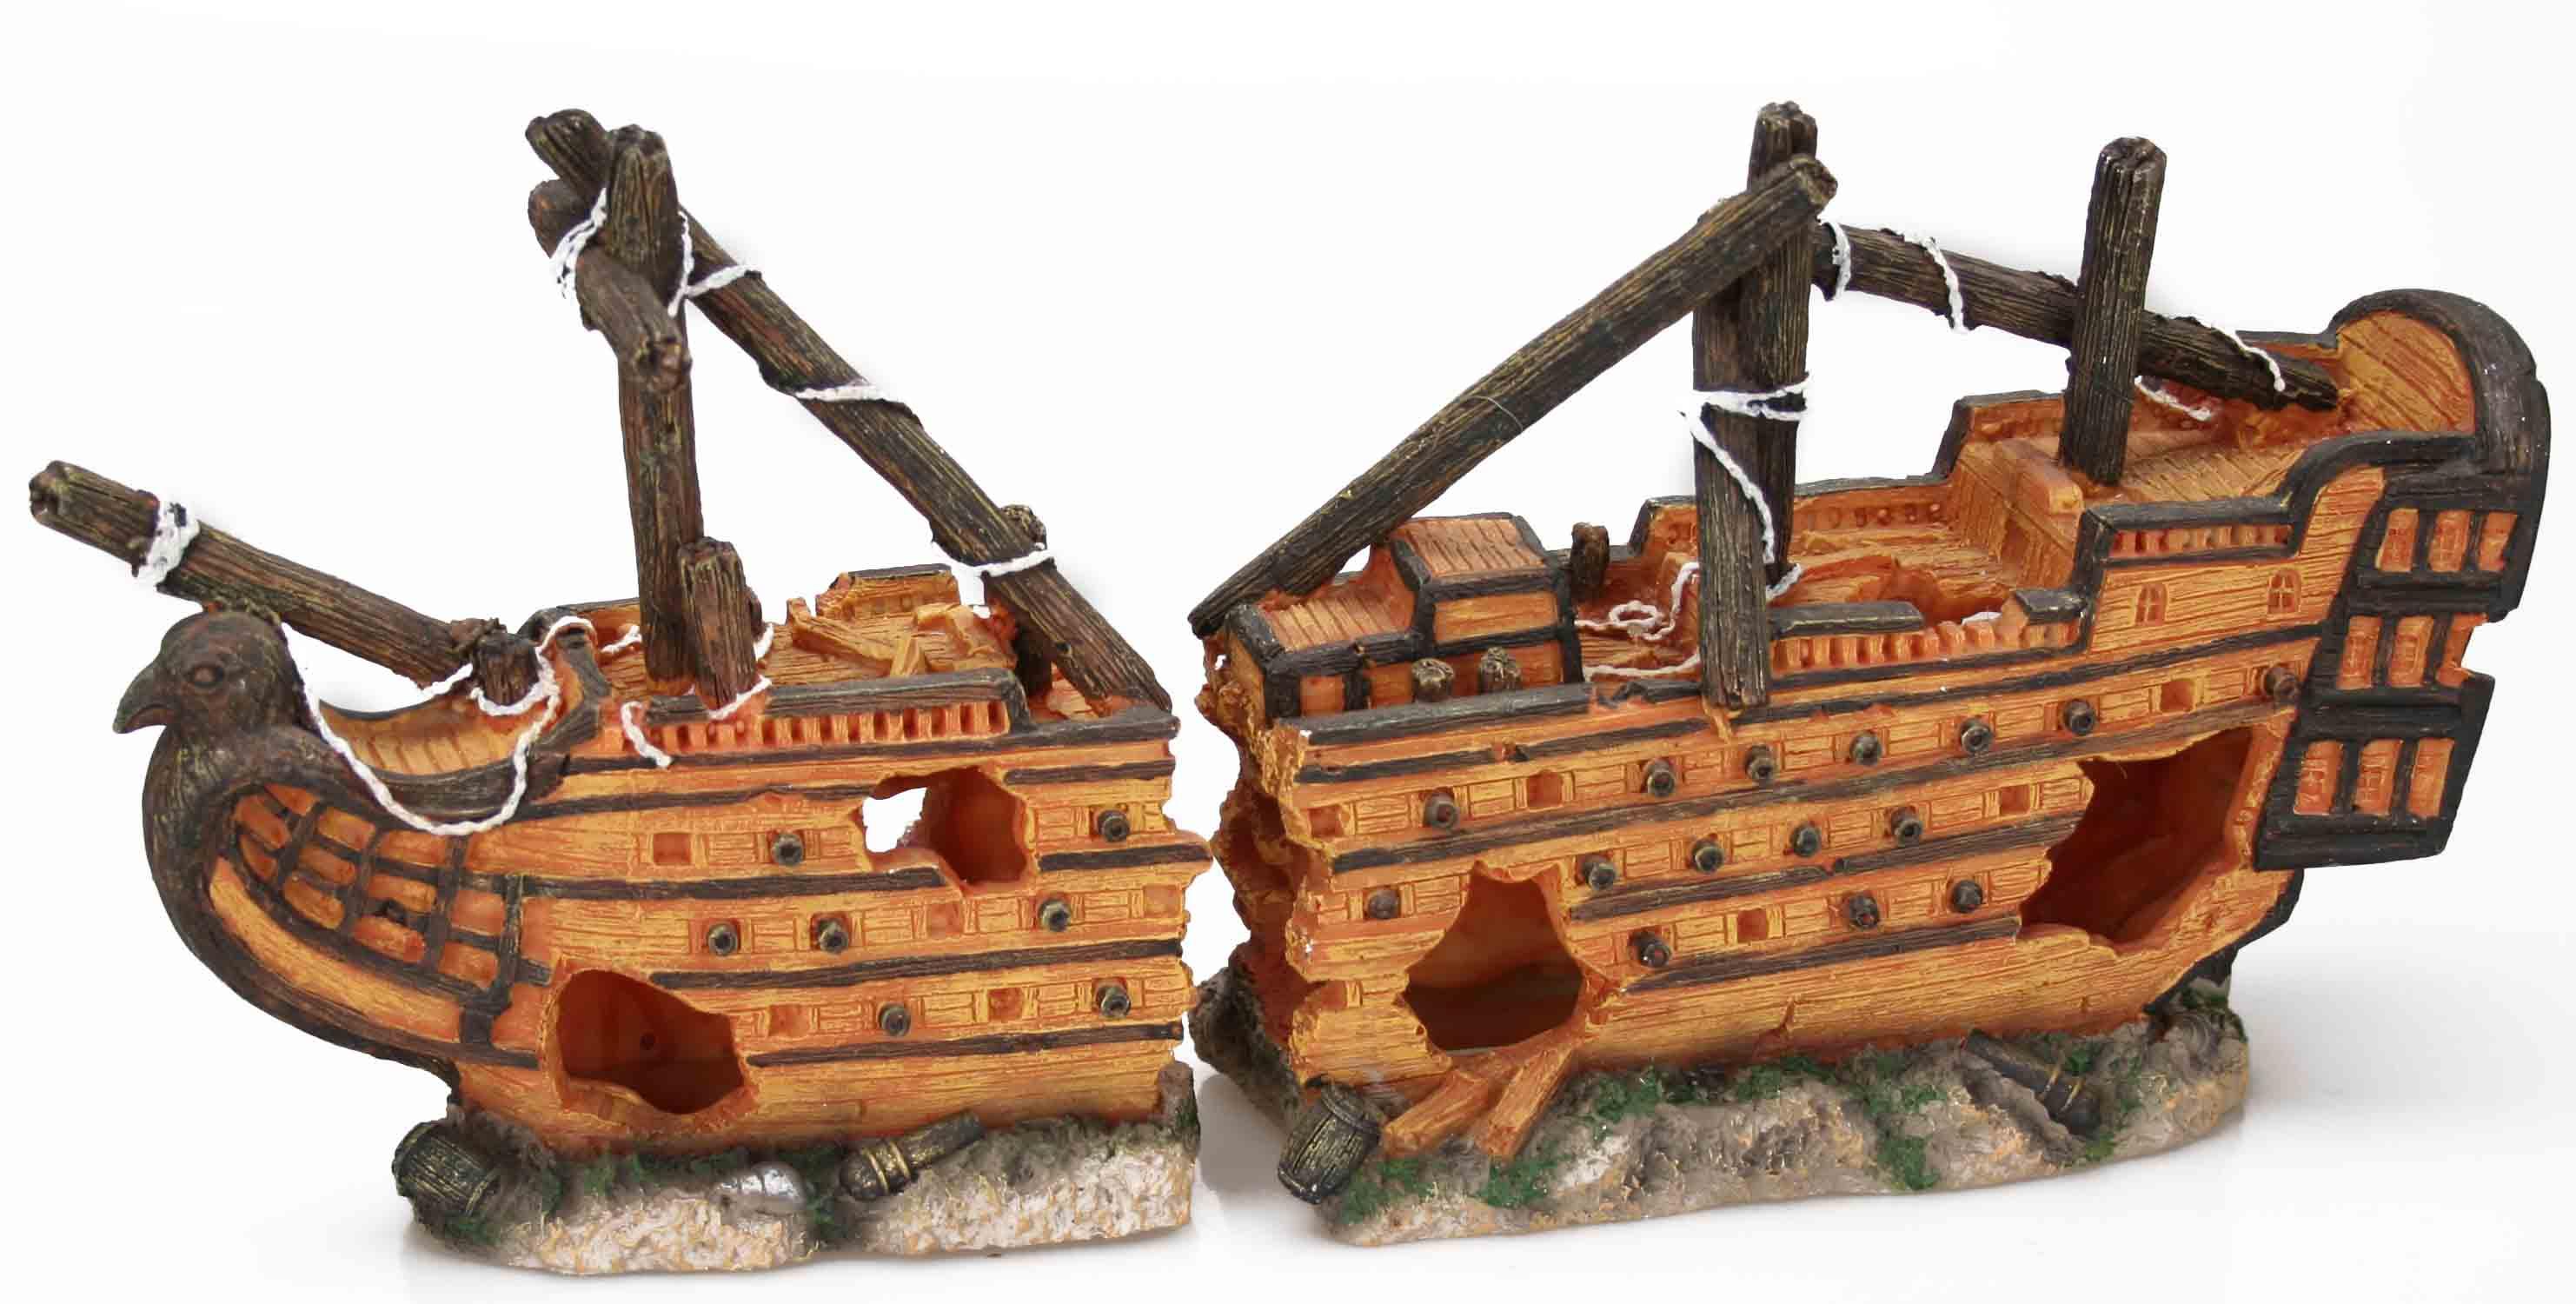 Large Shipwreck (40 x 10 x 19 cm)